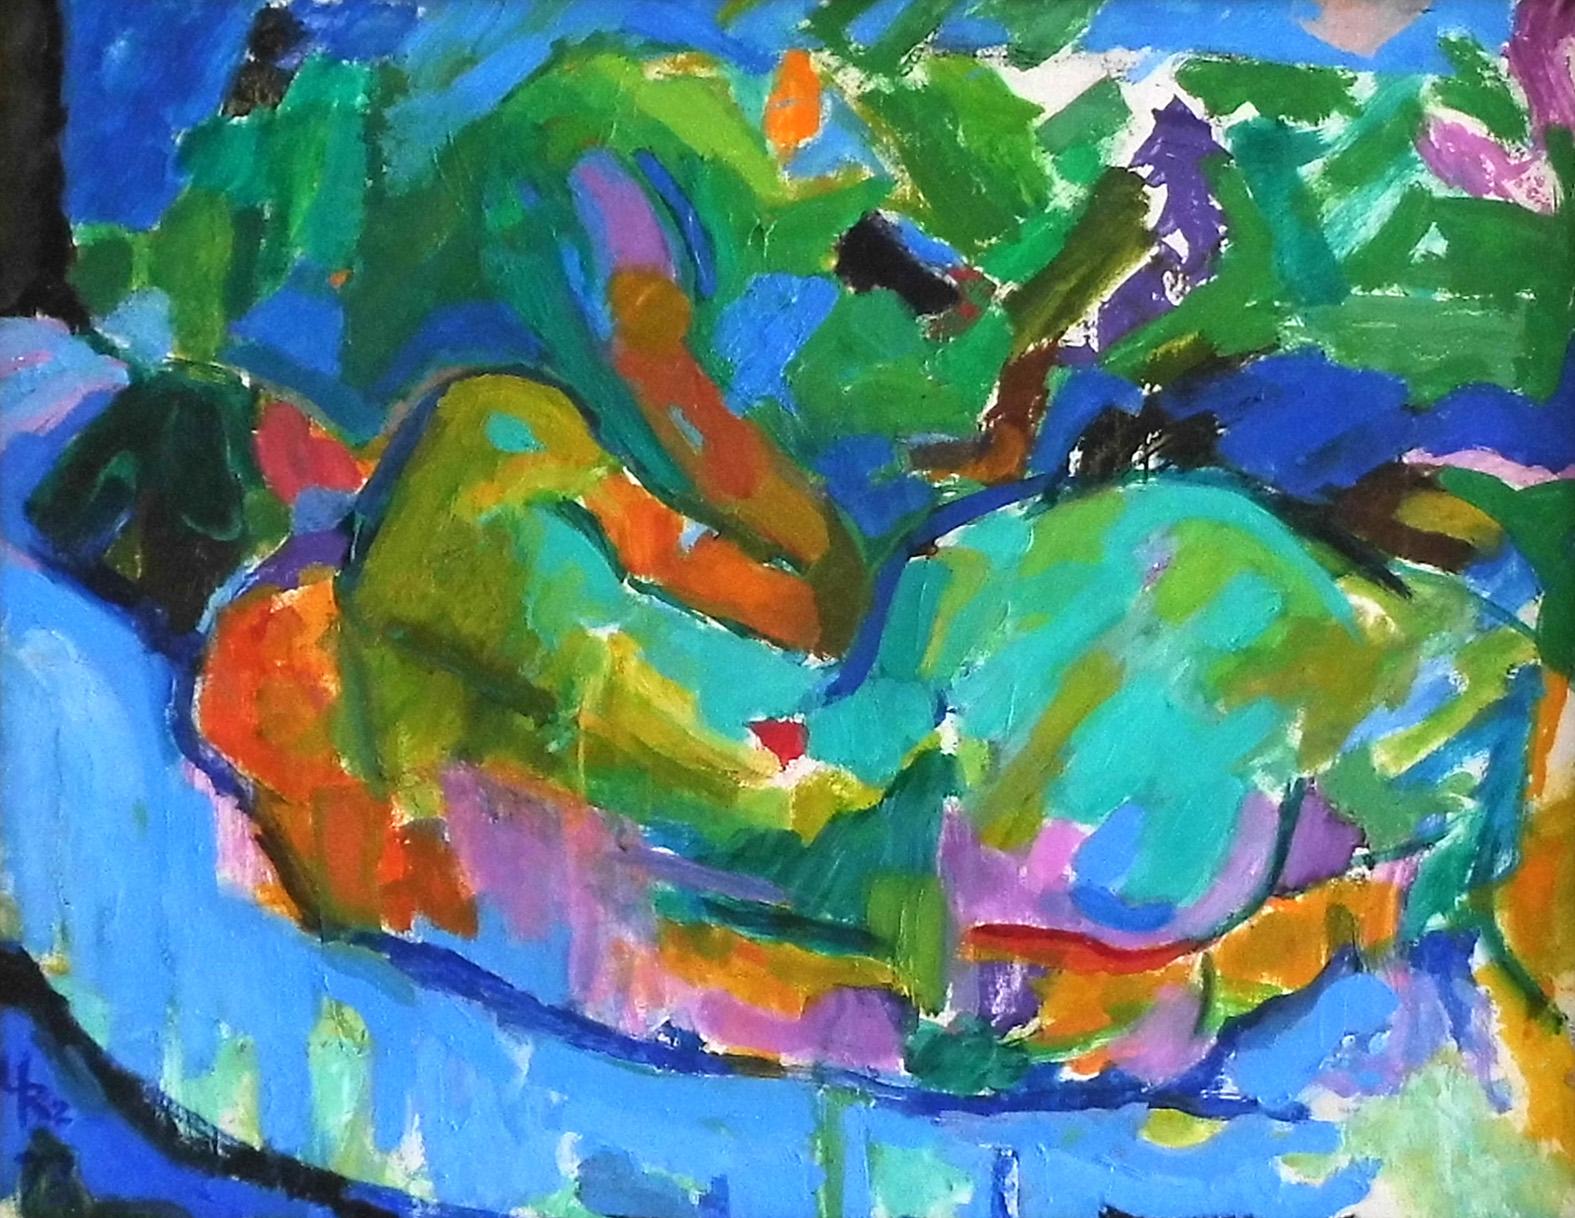 03-Ursula Rzodeczko-Ruhende mit erhobenem Arm-1978-Öl auf Hartfaser-44x56